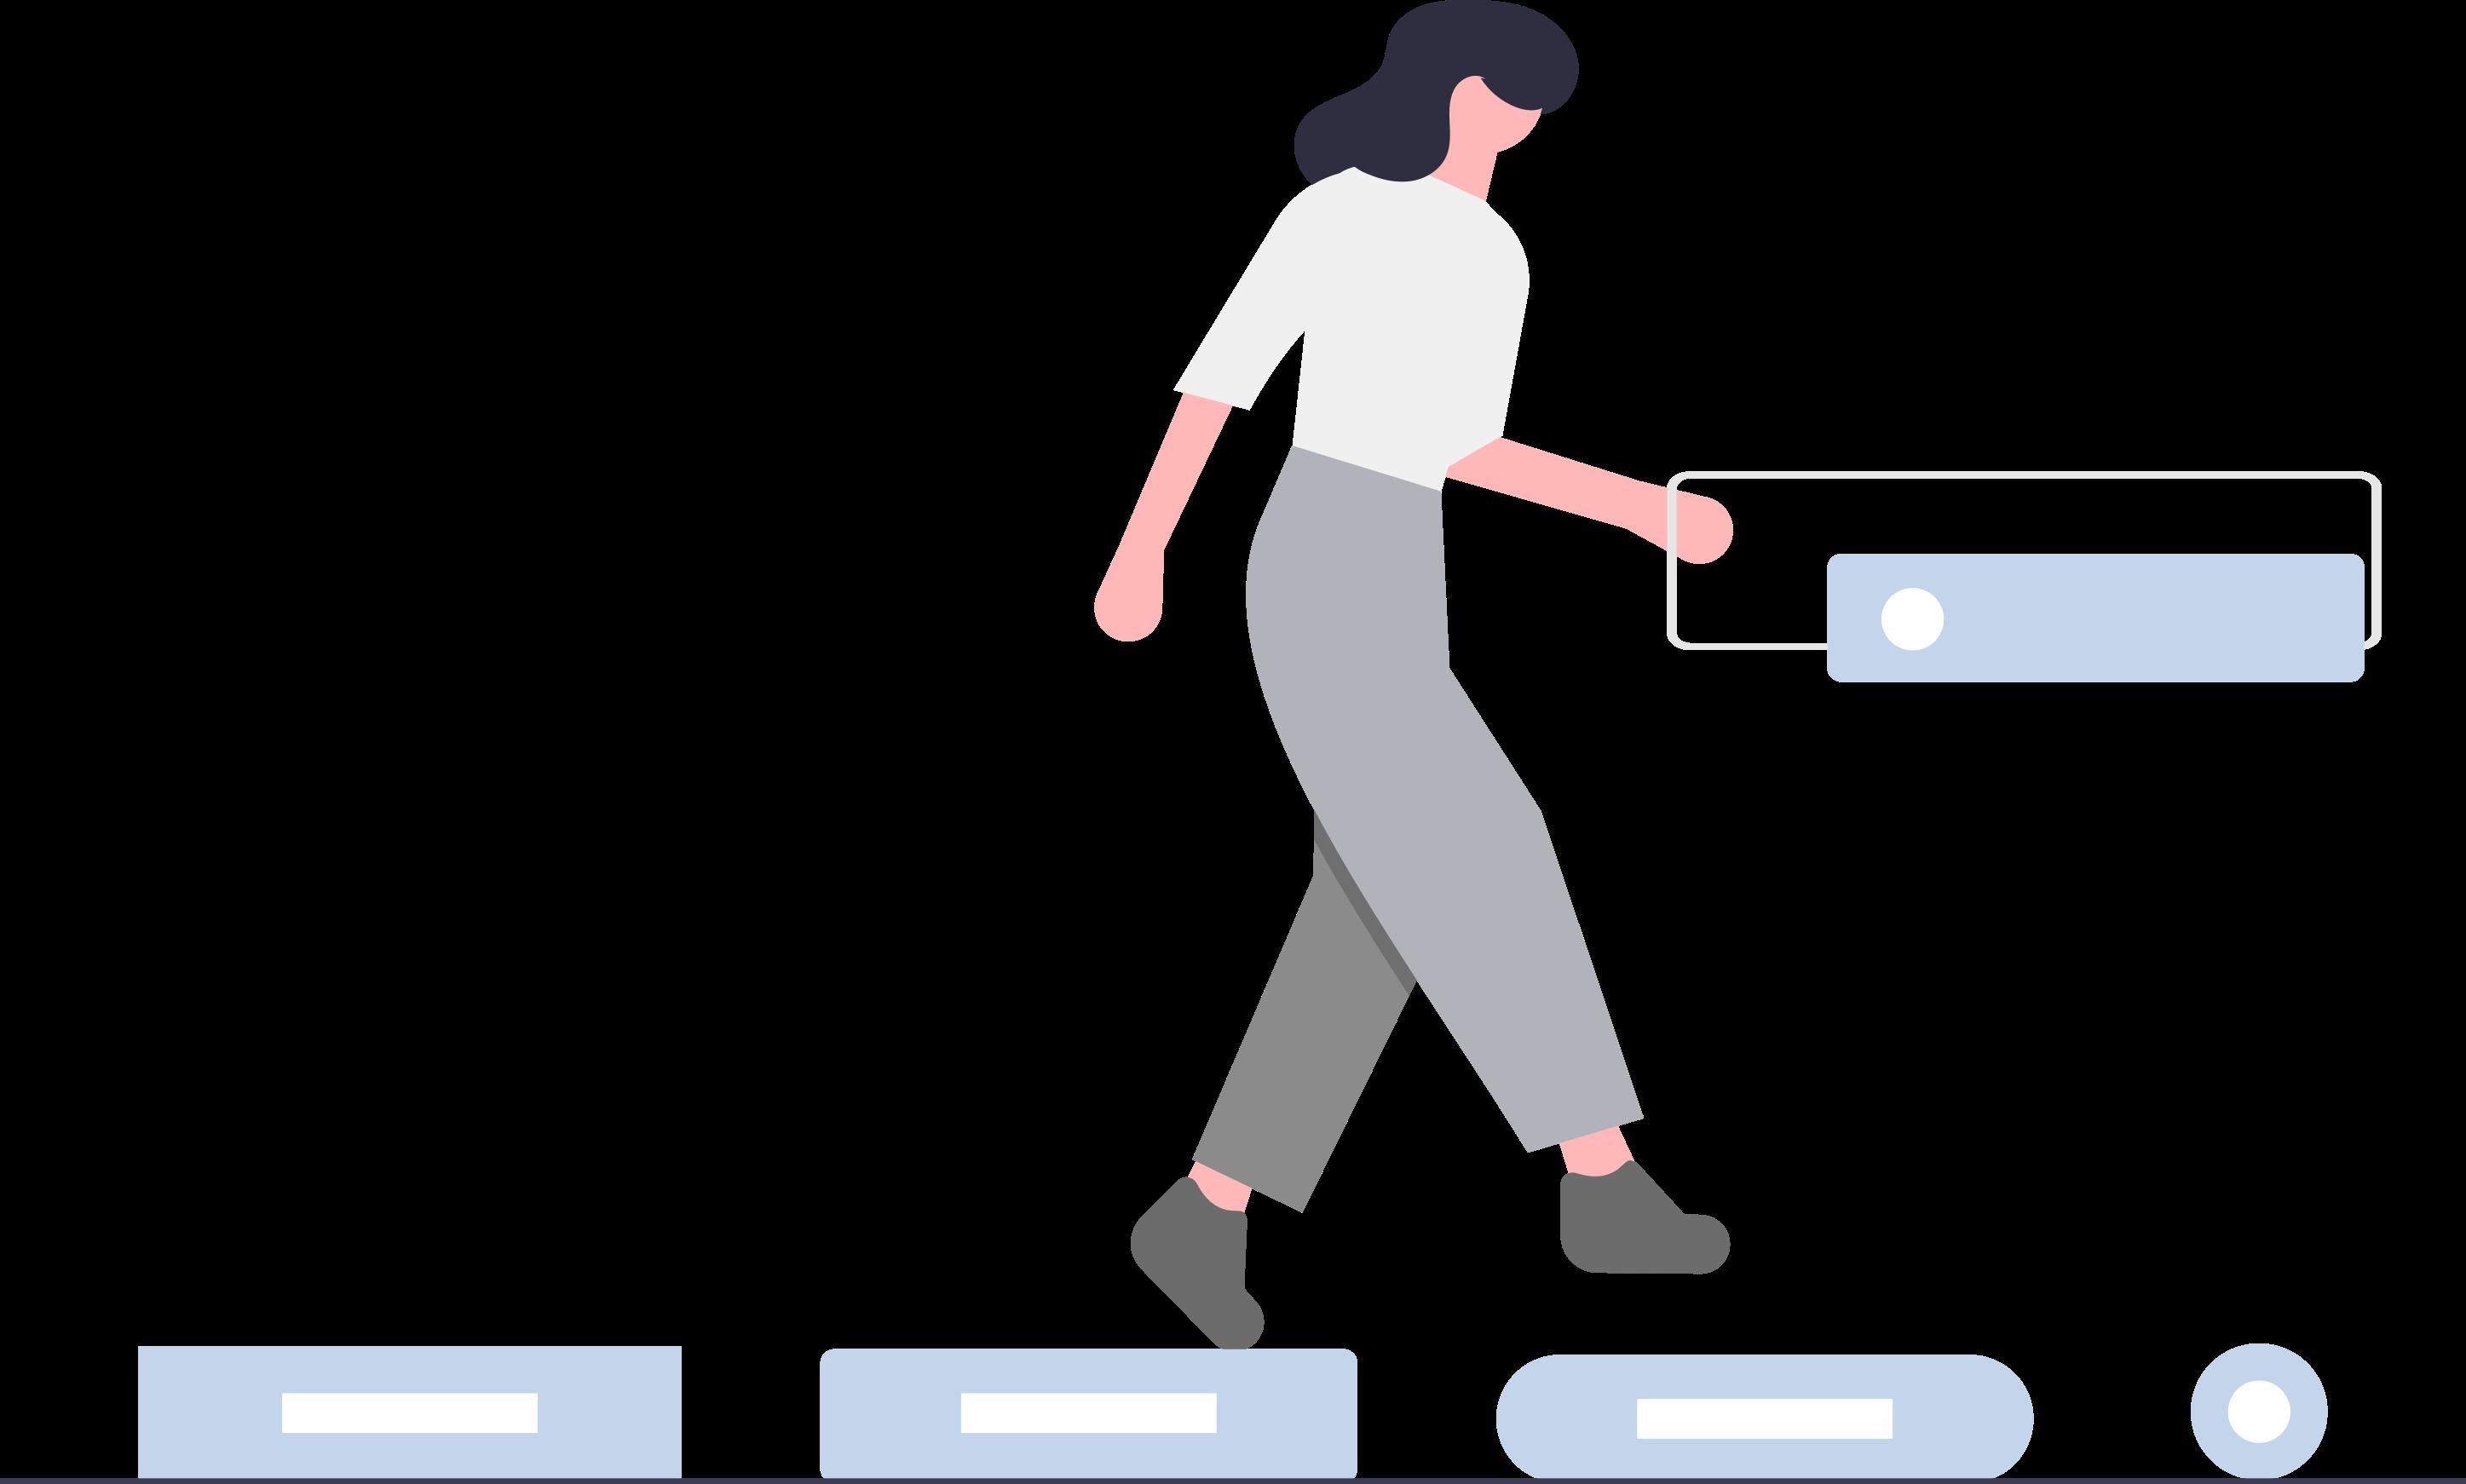 Frau, Datenbanken, Springen